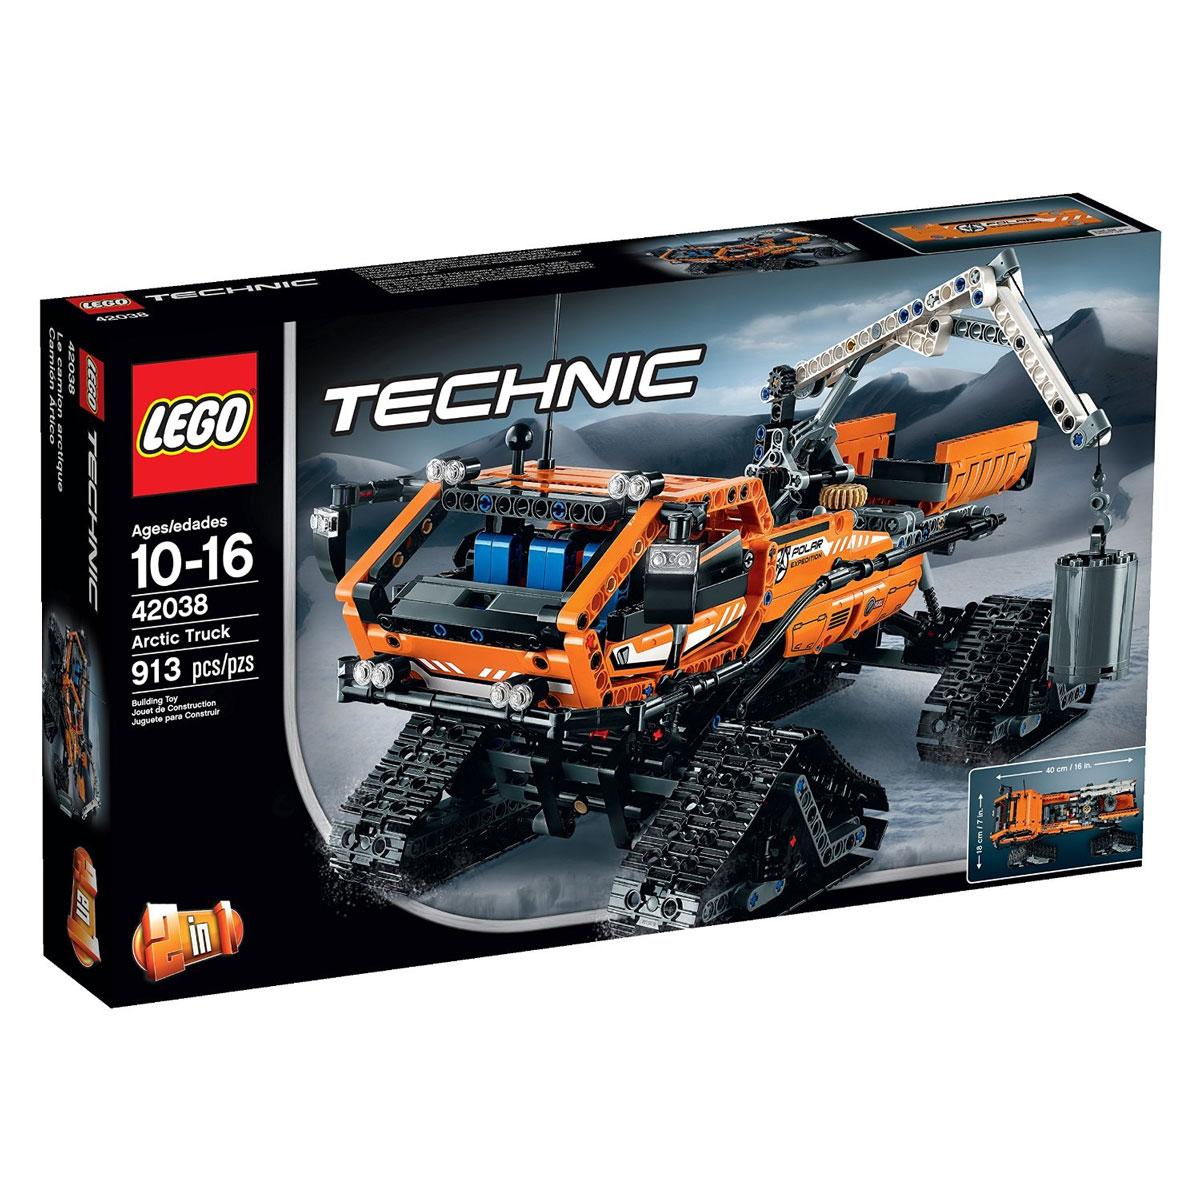 LEGO Technic Конструктор Арктический вездеход 42038